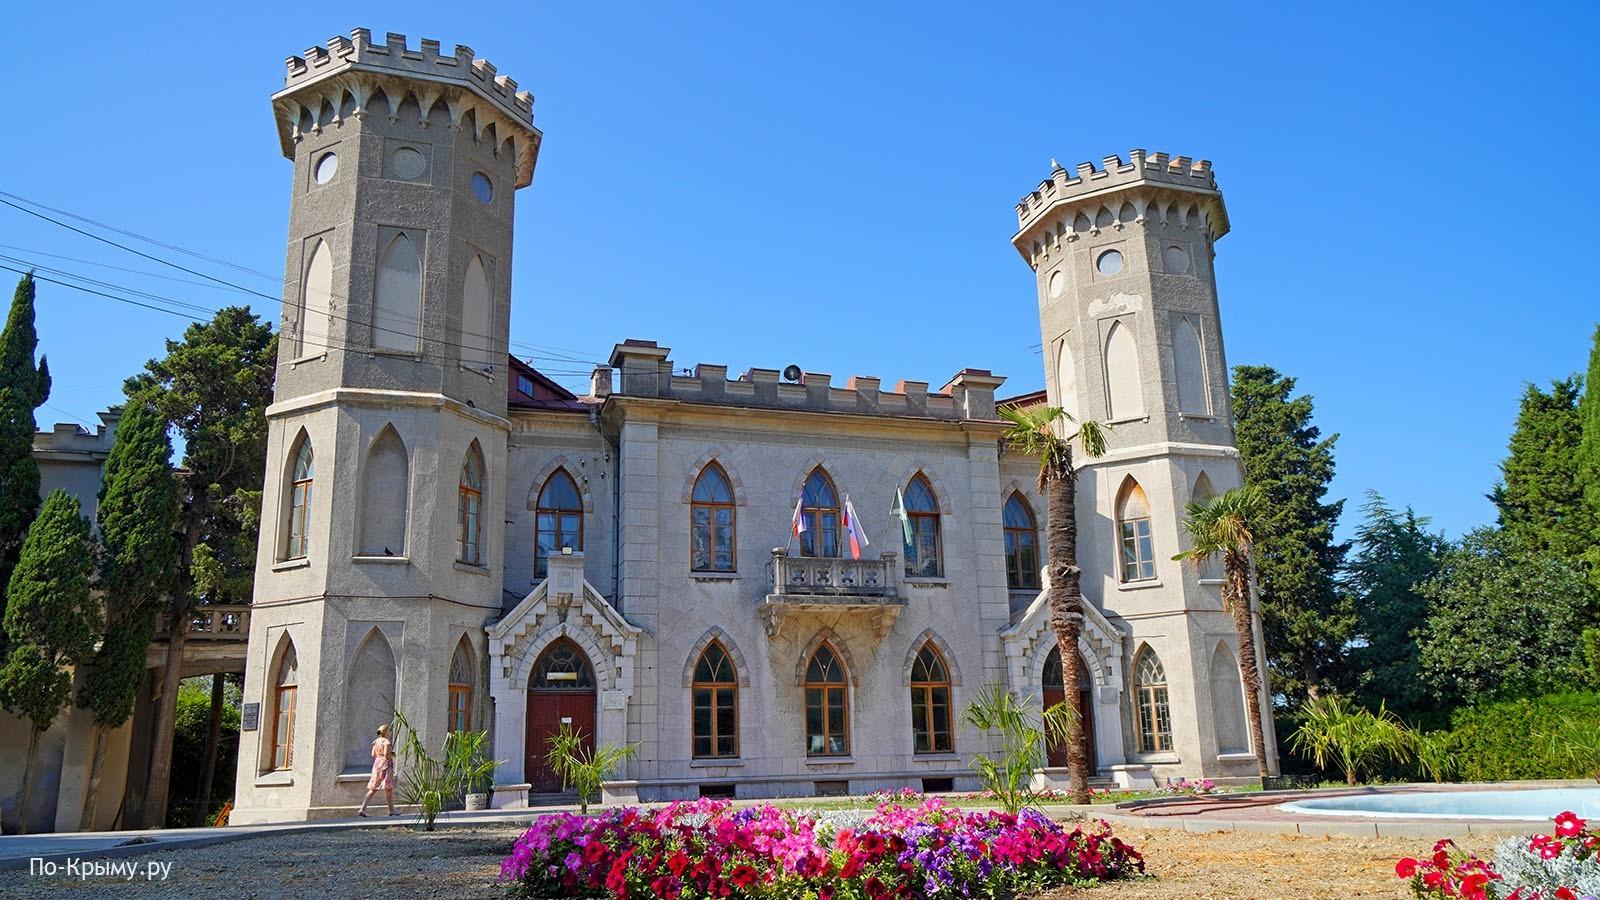 Дворец графини Паниной в Гаспре, Крым